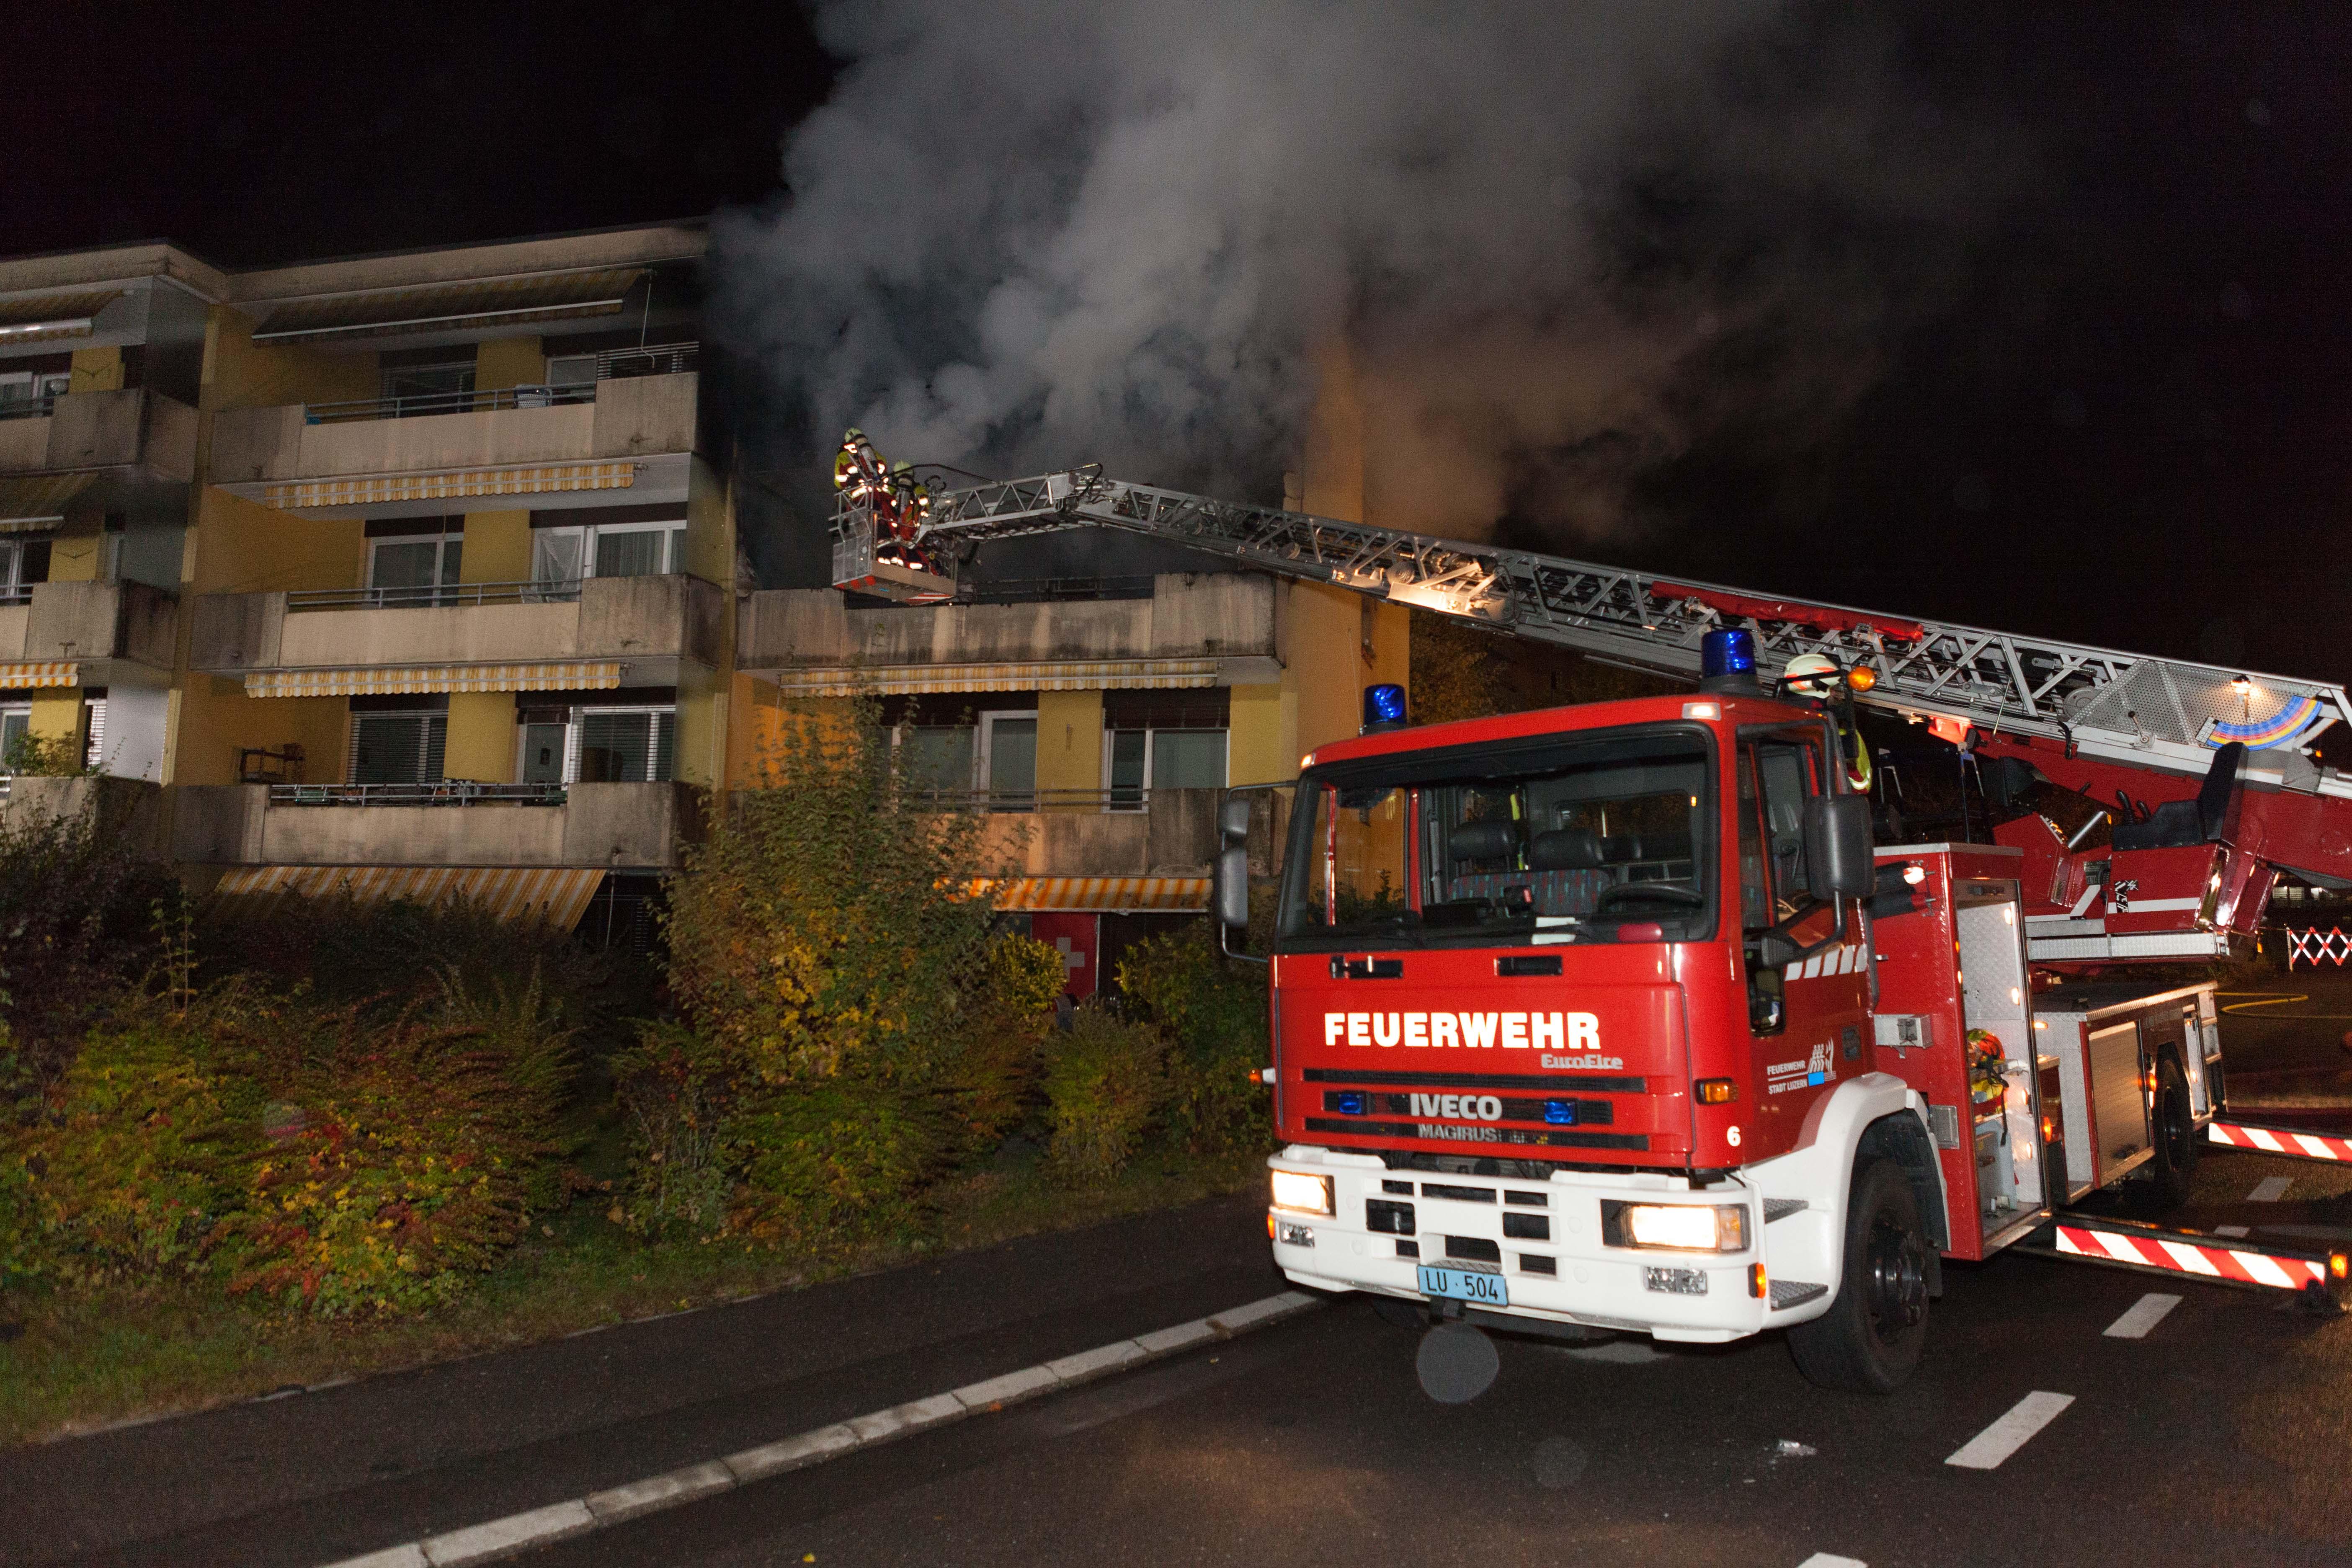 Den Einsatzkärften auf der Drehleiter quillt dunkler Rauch entgegen. (Bild: Feuerwehr Stadt Luzern)